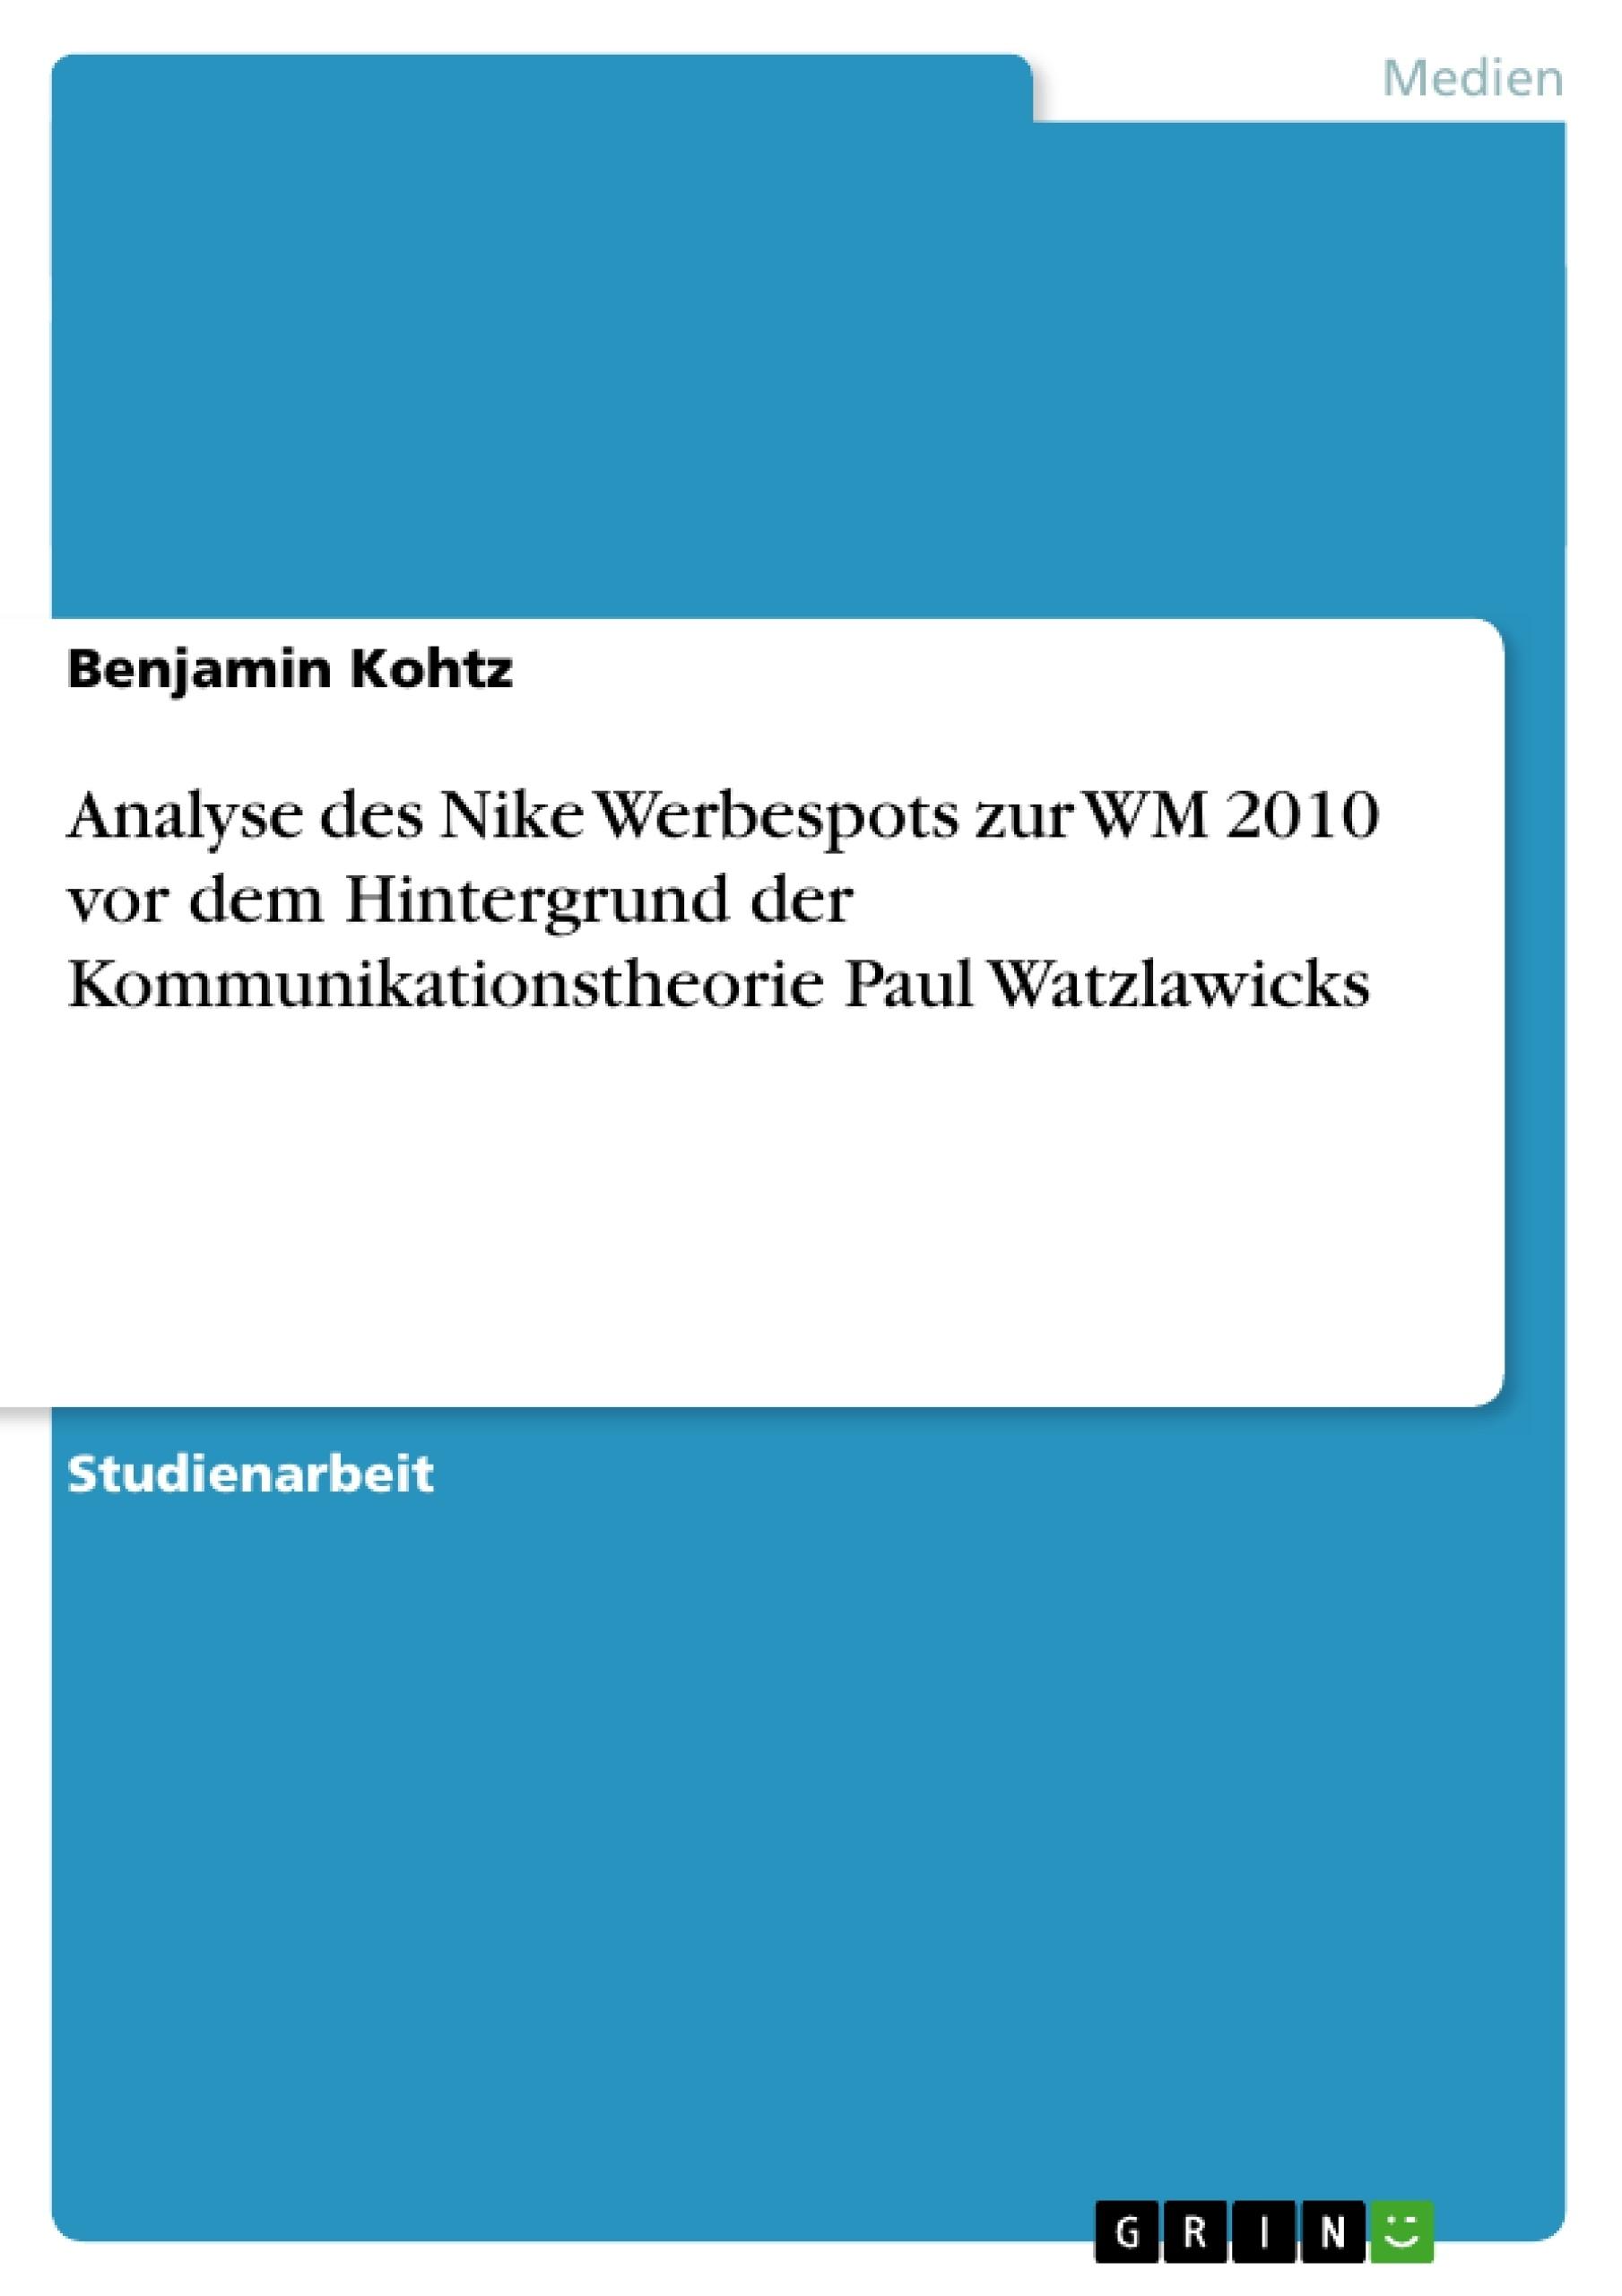 Titel: Analyse des Nike Werbespots zur WM 2010 vor dem Hintergrund der Kommunikationstheorie Paul Watzlawicks